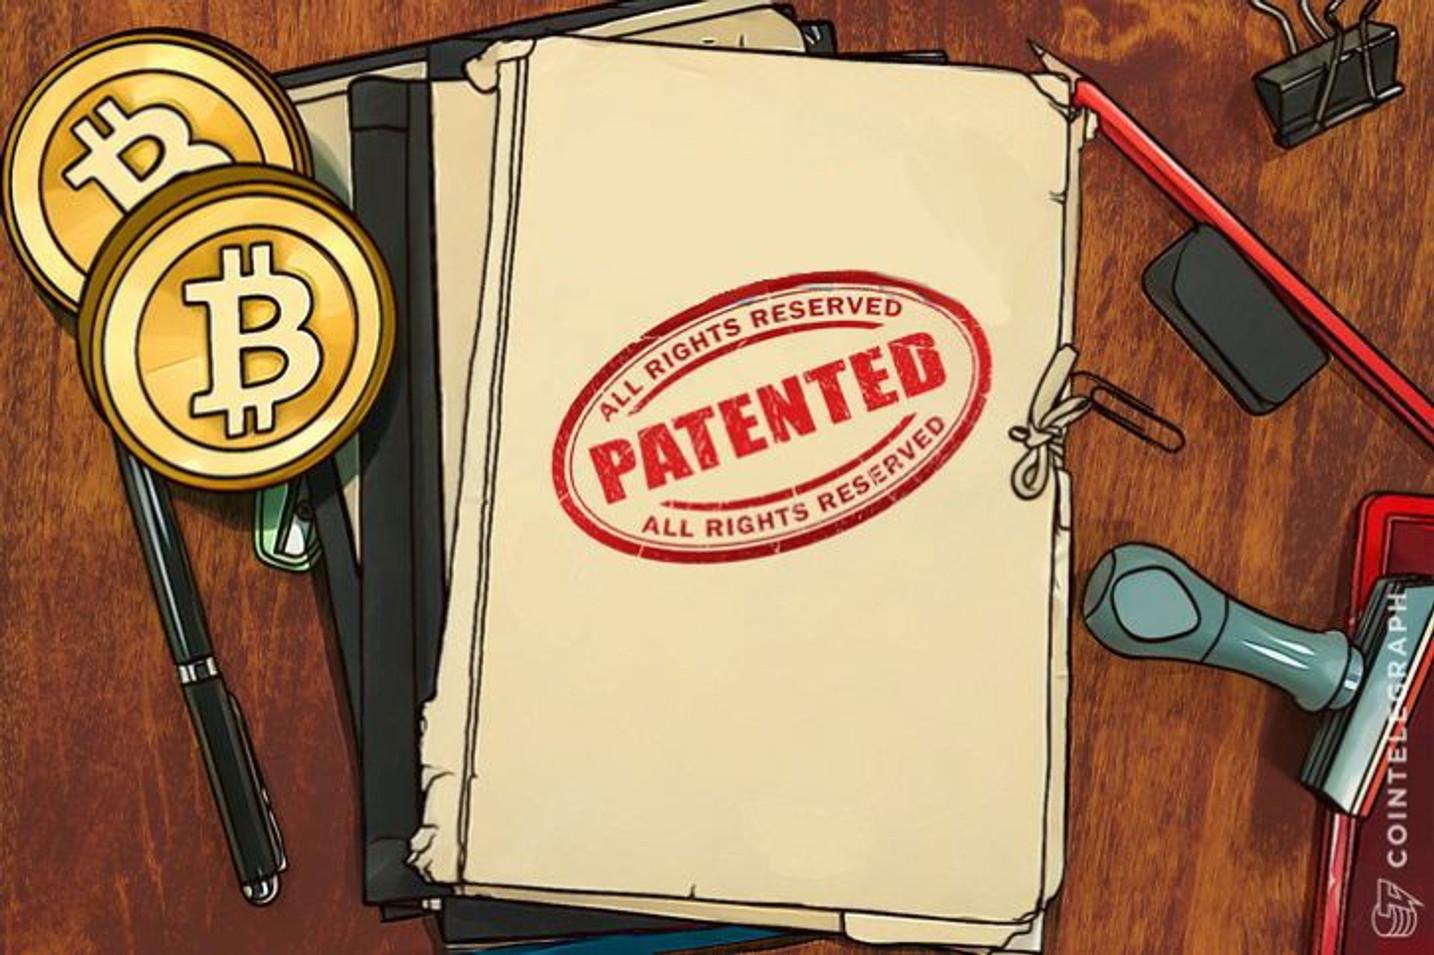 Bank of America presenta tres patentes para la tecnología de libros contables distribuidos